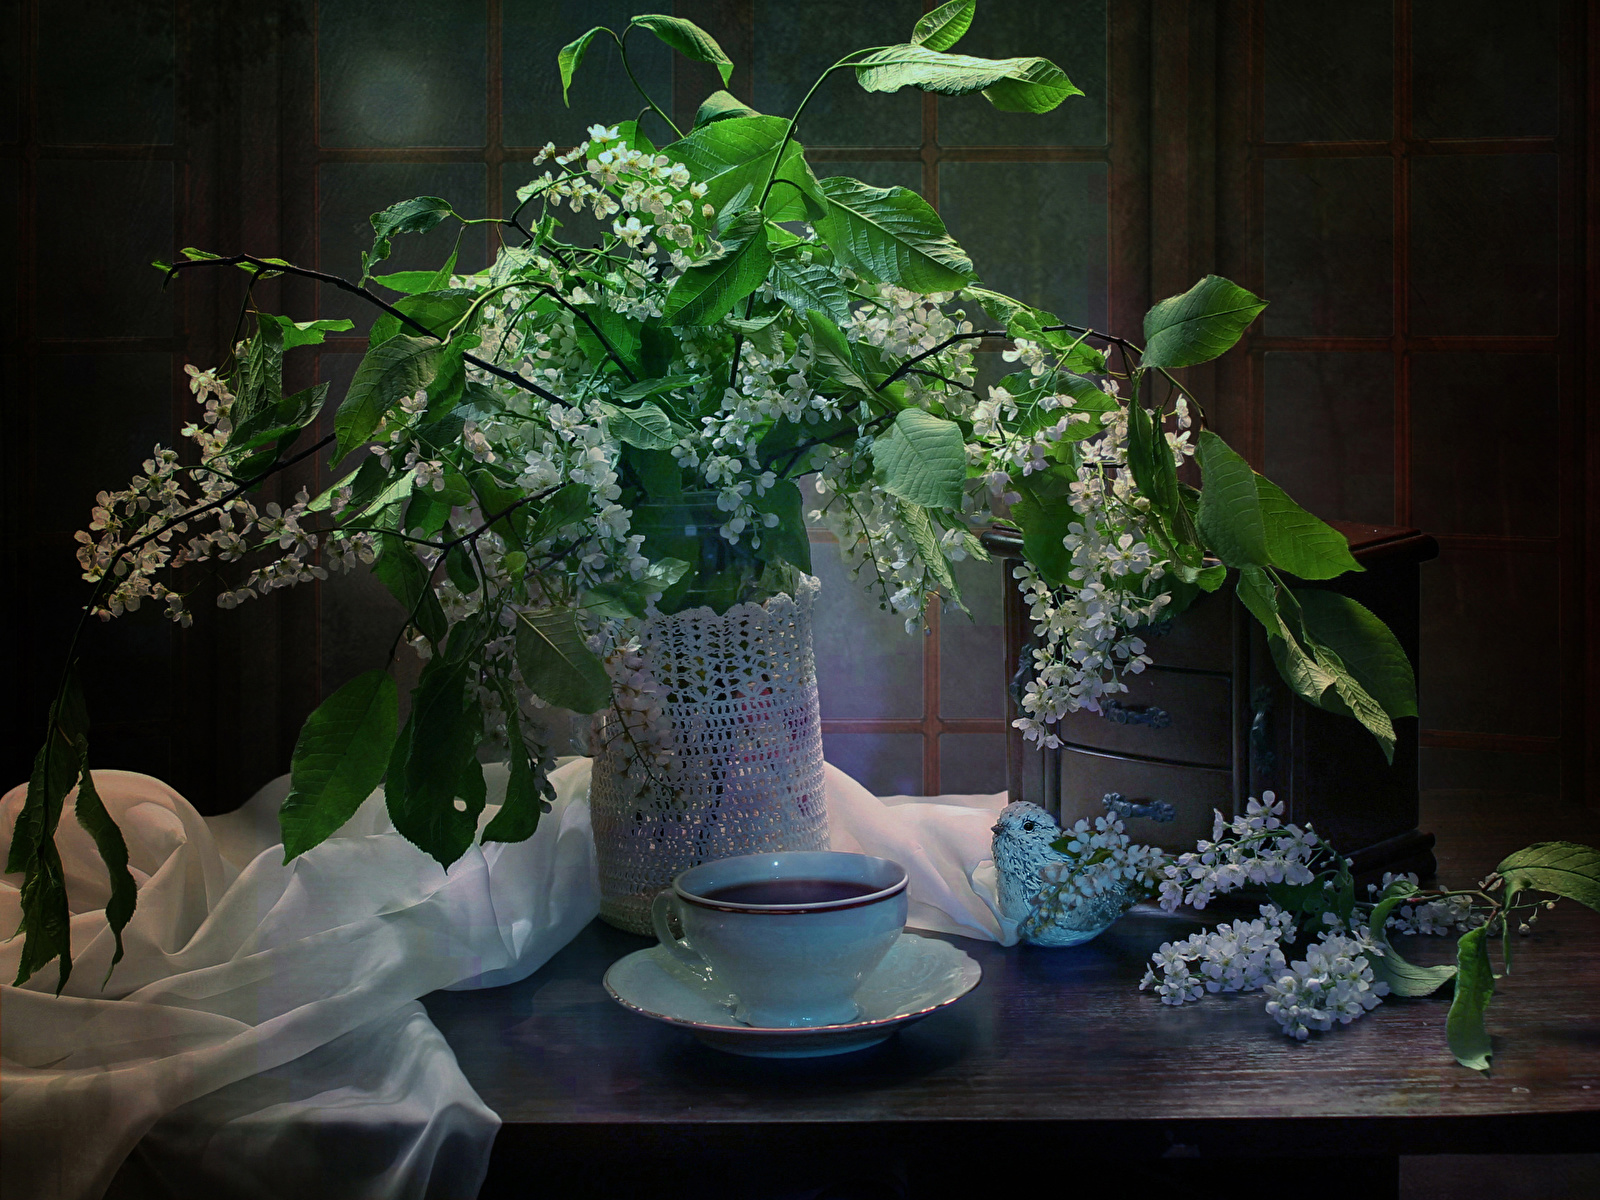 Картинка Чай Цветы Ваза Чашка Ветки Продукты питания Цветущие деревья 1600x1200 Еда Пища ветвь